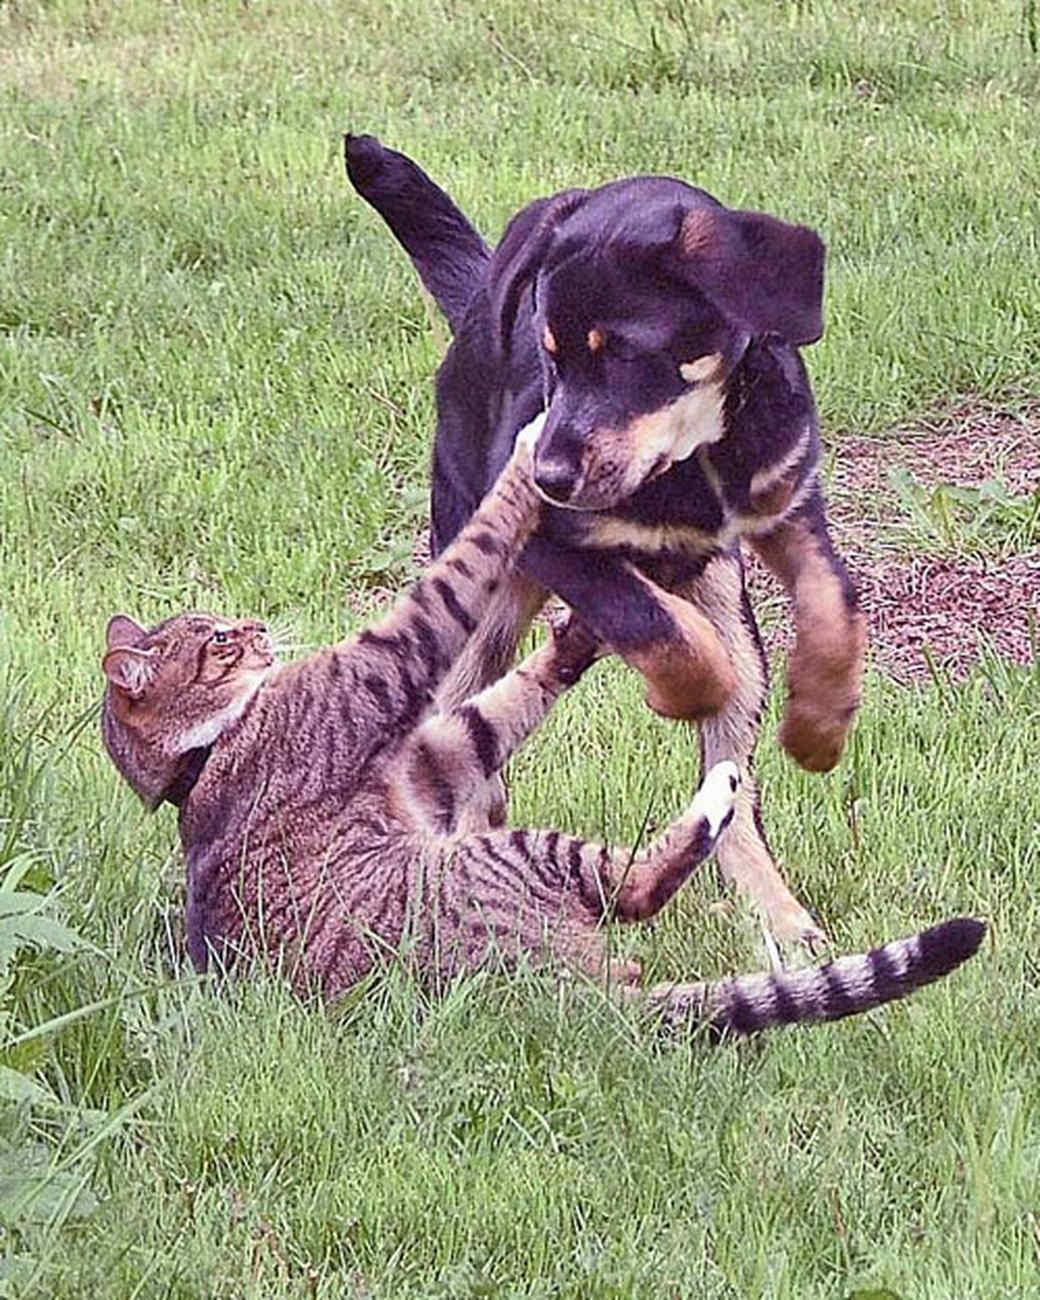 pets-at-play-0311-13079326_12432303.jpg